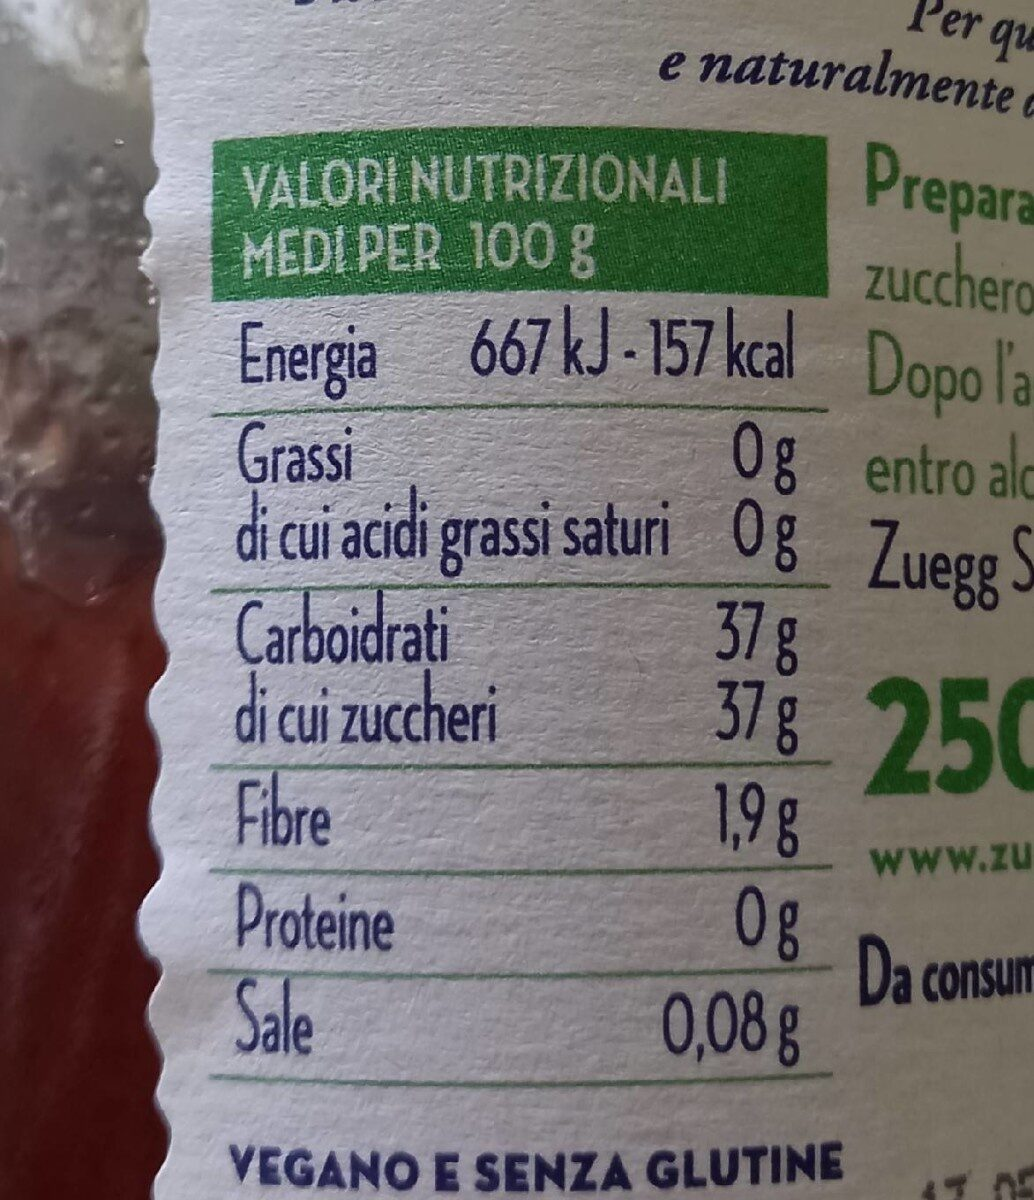 preparazione di fragole - Informations nutritionnelles - fr